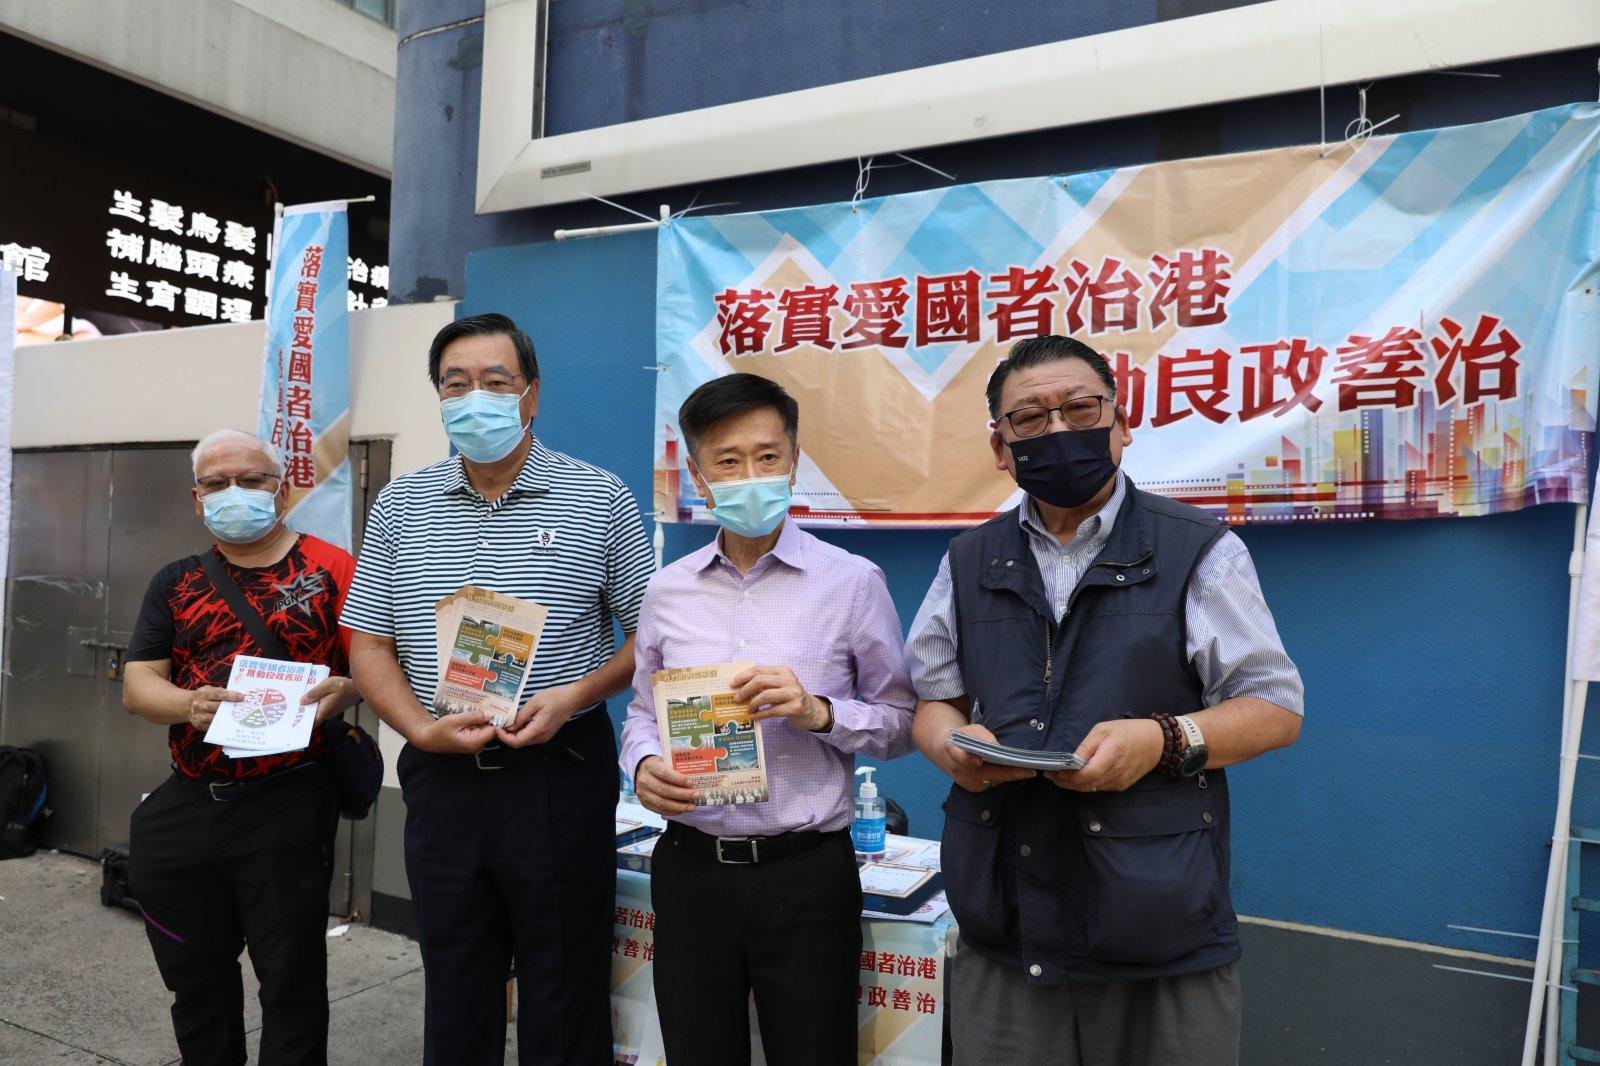 立法會主席梁君彥、旅遊界立法會議員姚思榮到油麻地站外街站派發宣傳單。